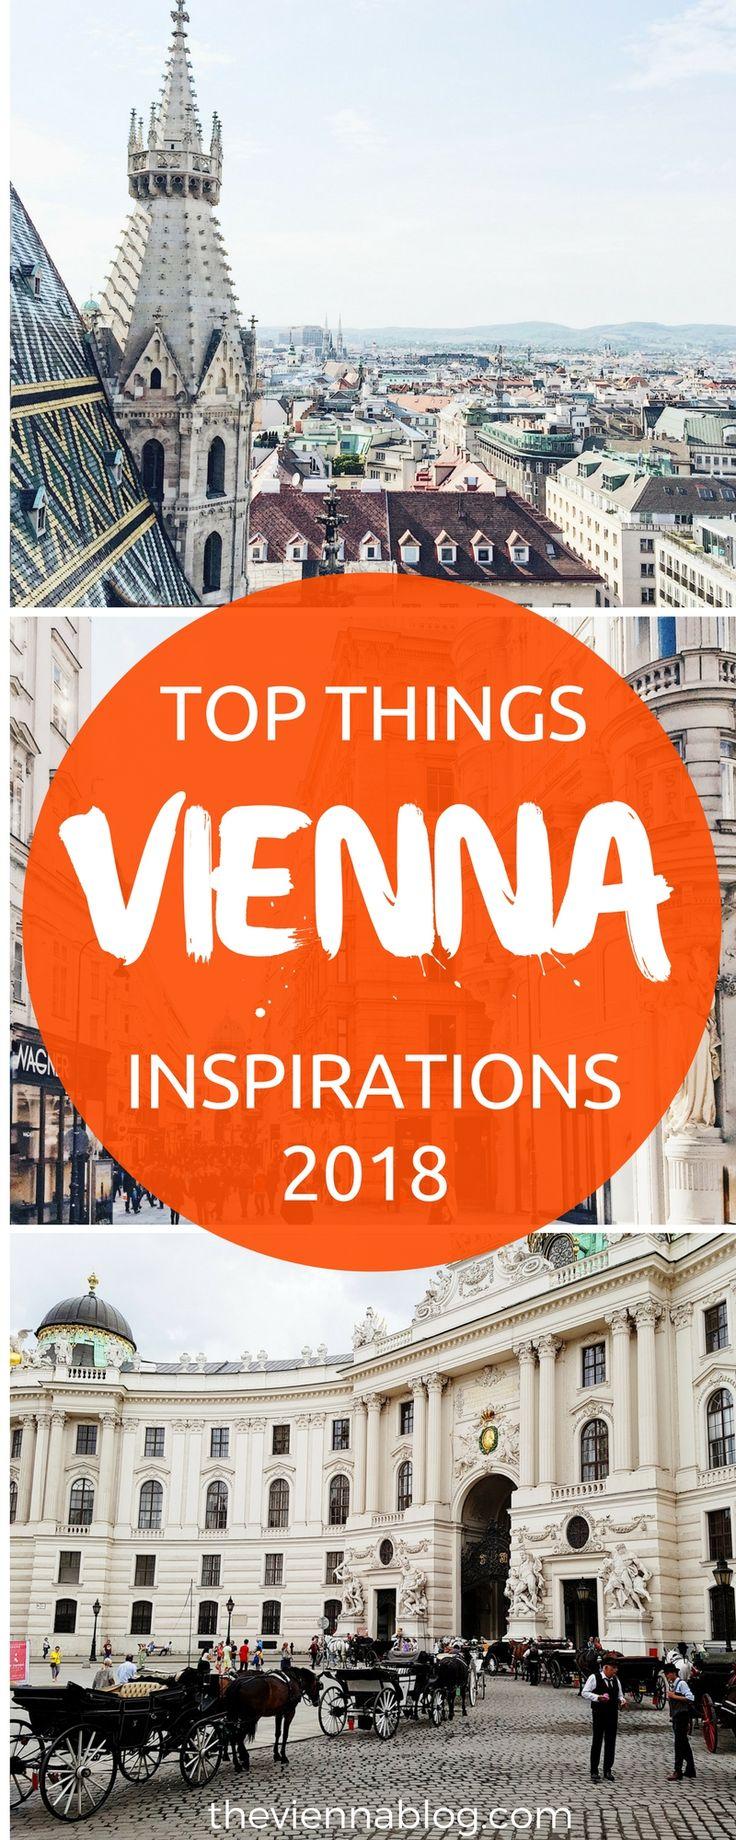 VIENNA TRAVEL GUIDE & TIPS 2018 , Vienna  Top things to do and #vienna#Wien  #Austria#photography#Opera  #vienne  #österreich #travleguide  #guide #placestovisit #beautifuldestinations #theviennablog #gregsideris  #photography #city #hotels #restaurants #urban #destinationguide #traveltips  #travelinspiration #vacation #holiday #reisen #Natgeotravel #Traveltheworld  #bucketlists #luxurytravel #travellife #traveladdict #europe #wanderlust